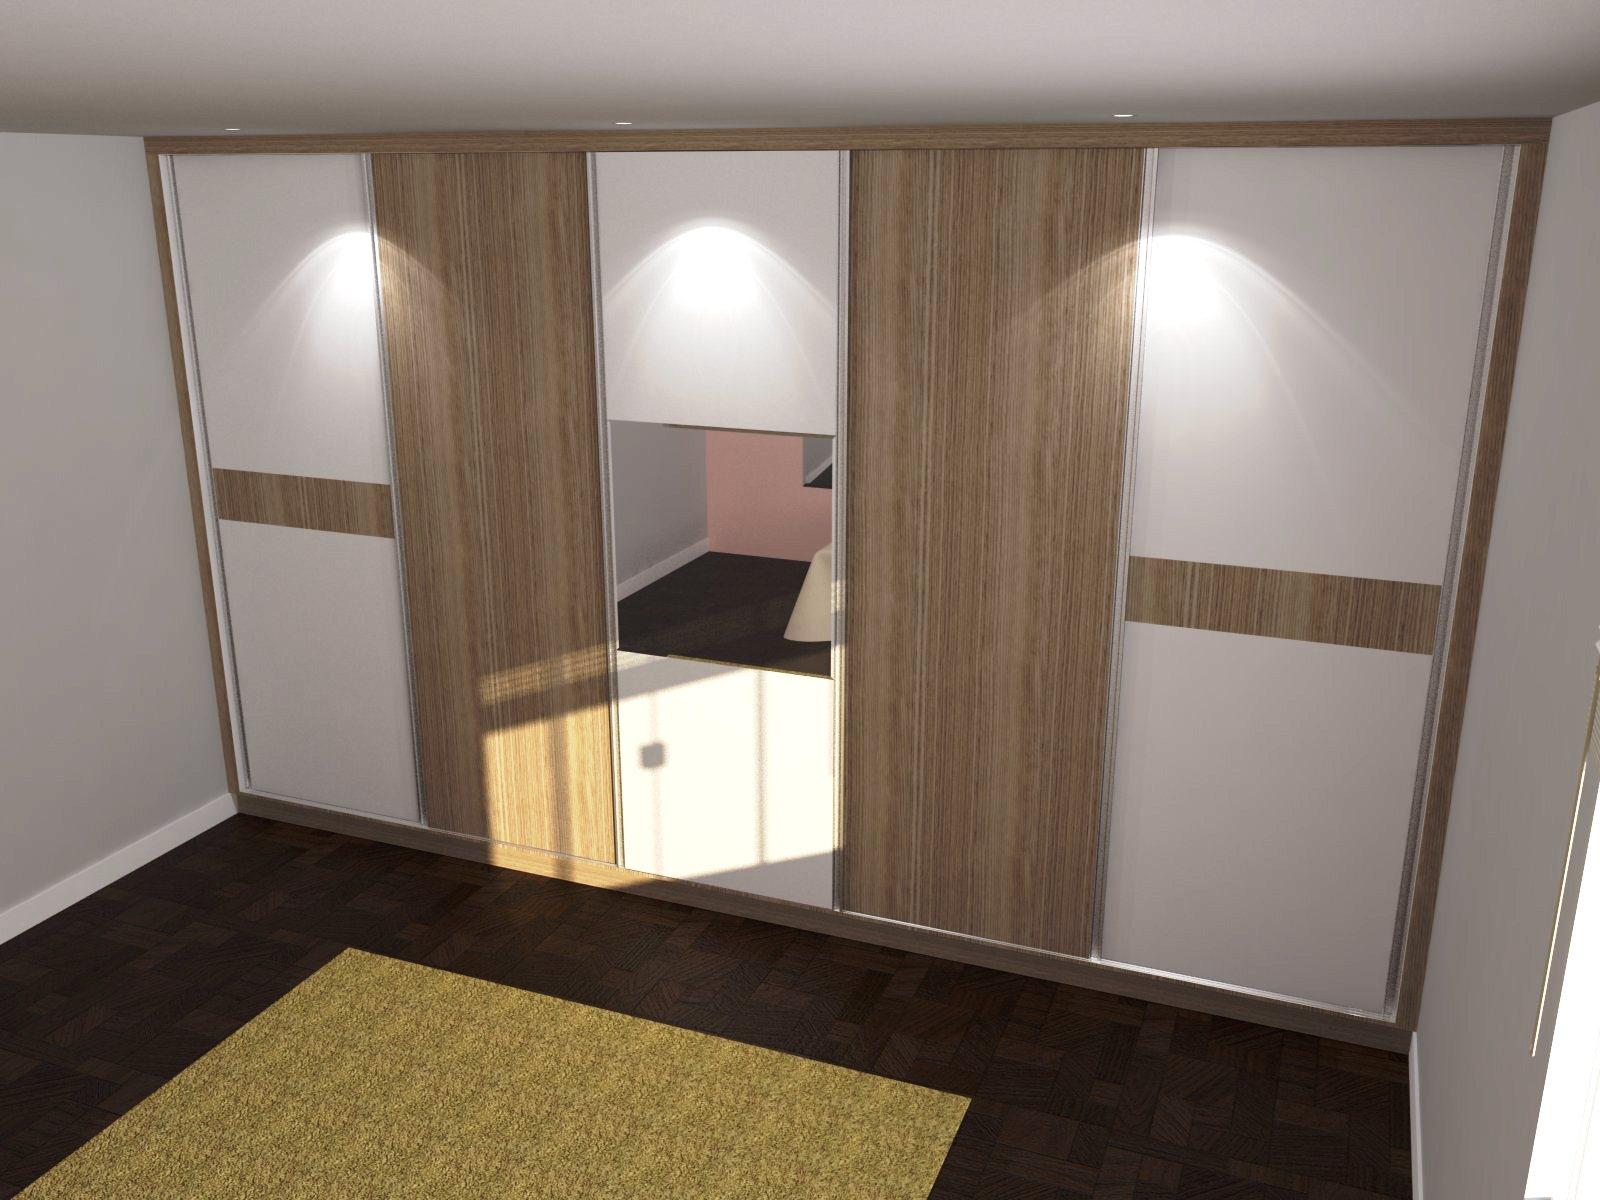 PROJETO DE MÓVEIS 3D: Guarda Roupa com entrada para Banheiro #8B7640 1600 1200